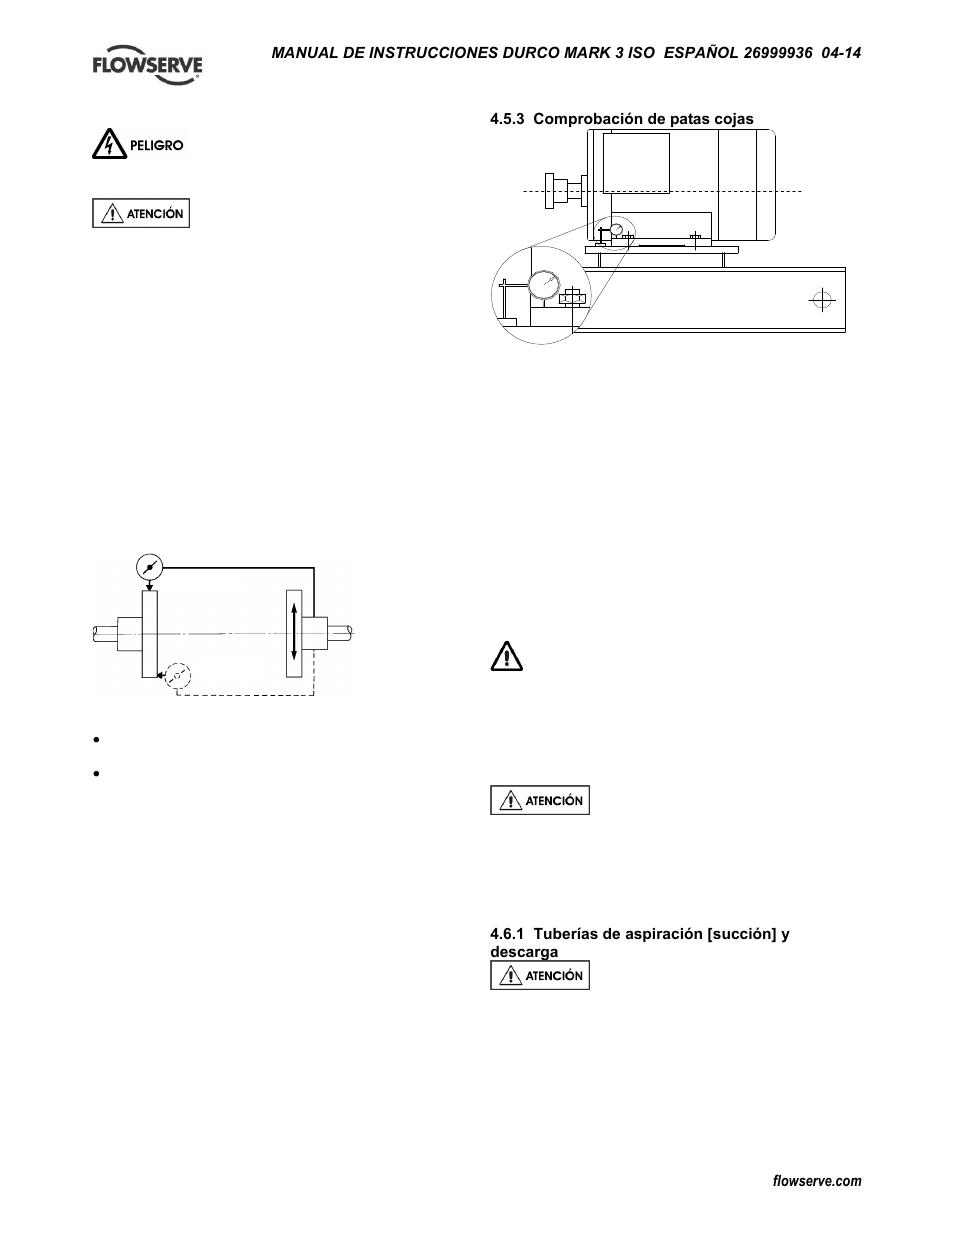 6 tuberías | Flowserve Mark 3 ISO Durco Manual del usuario | Página ...